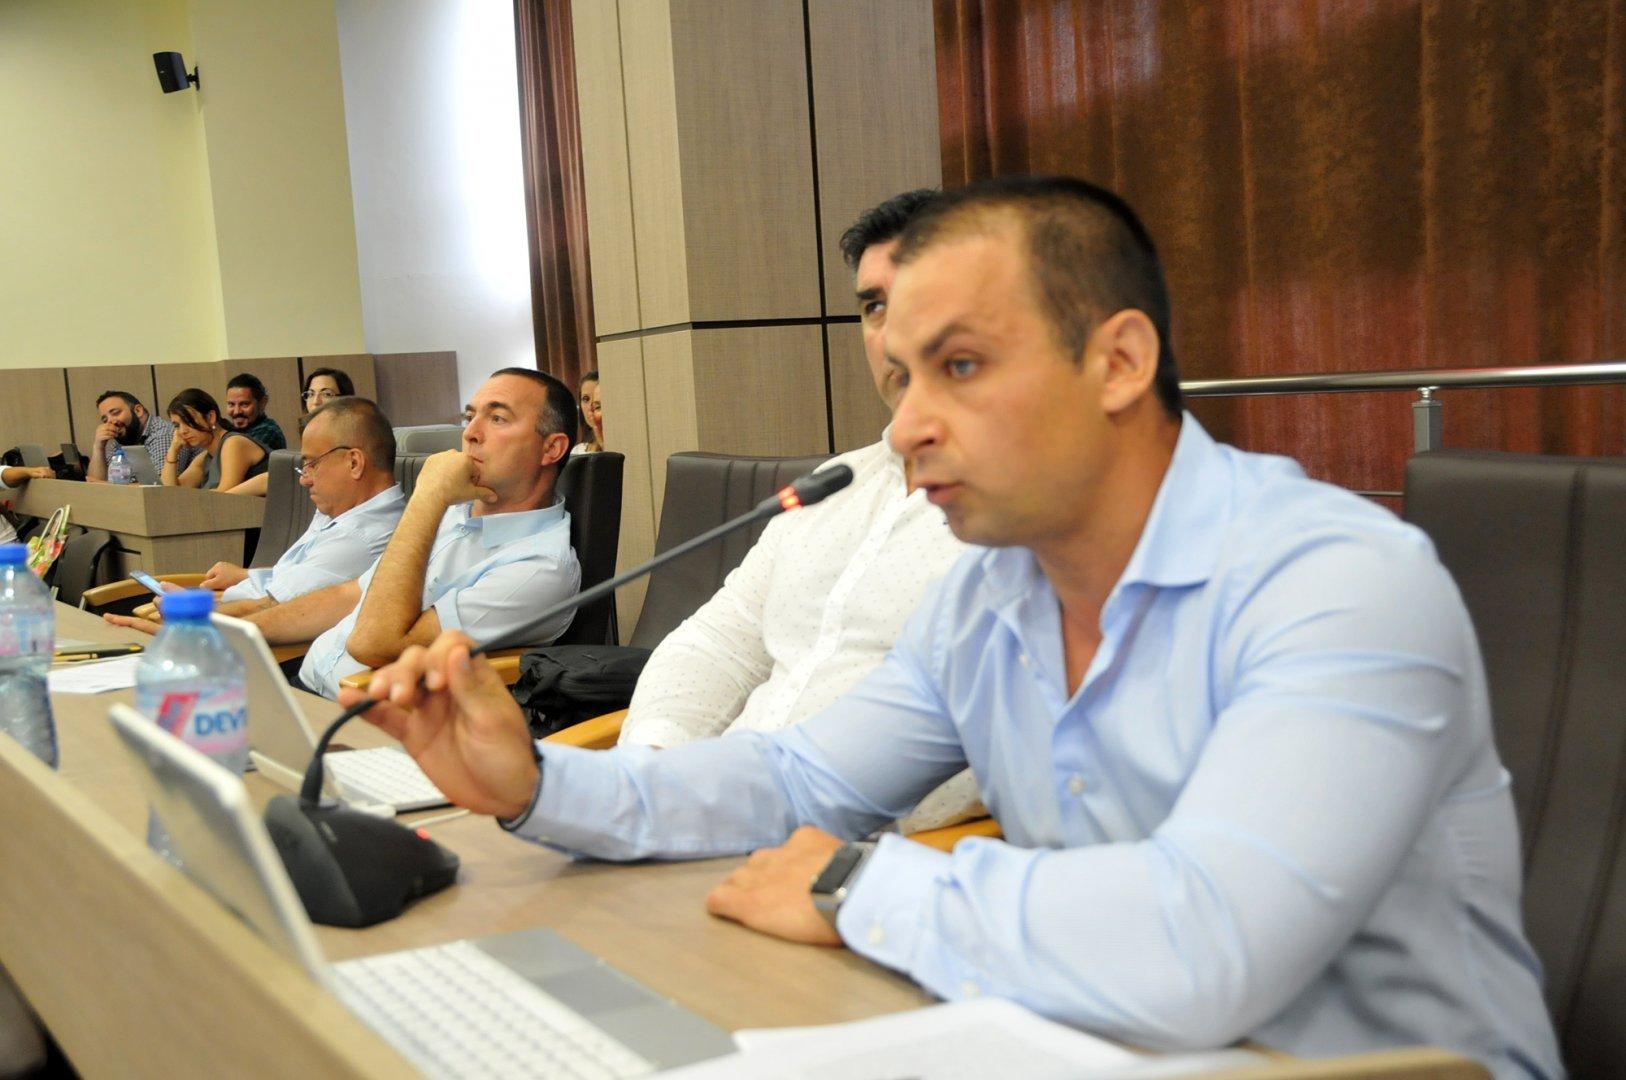 Табаков е входирал питането си в ОбС днес. Снимки Архив Черноморие-Бг